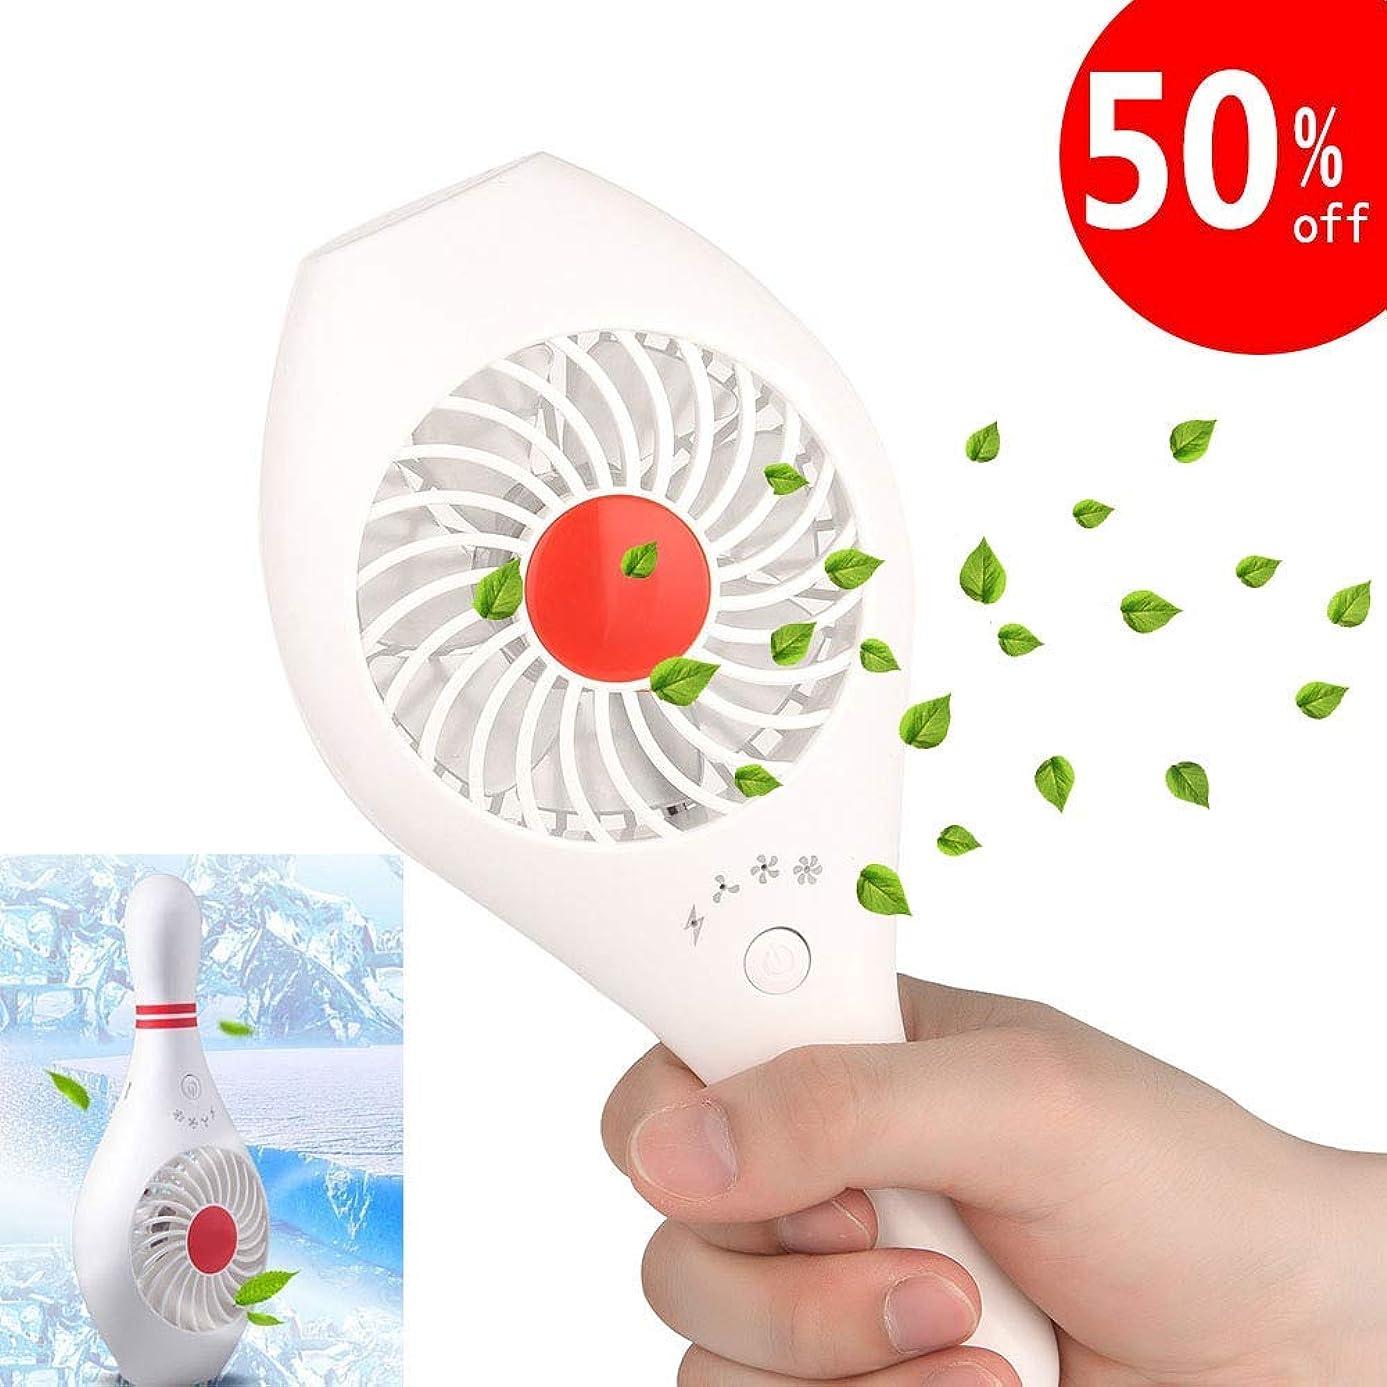 エネルギー記憶広告携帯扇風機 USB扇風機 充電式 手持ち扇風機 小型 風量3段階調節 卓上ファン 卓上置き手持ち両用 便利性の高い熱中症対策 ボウリングの形